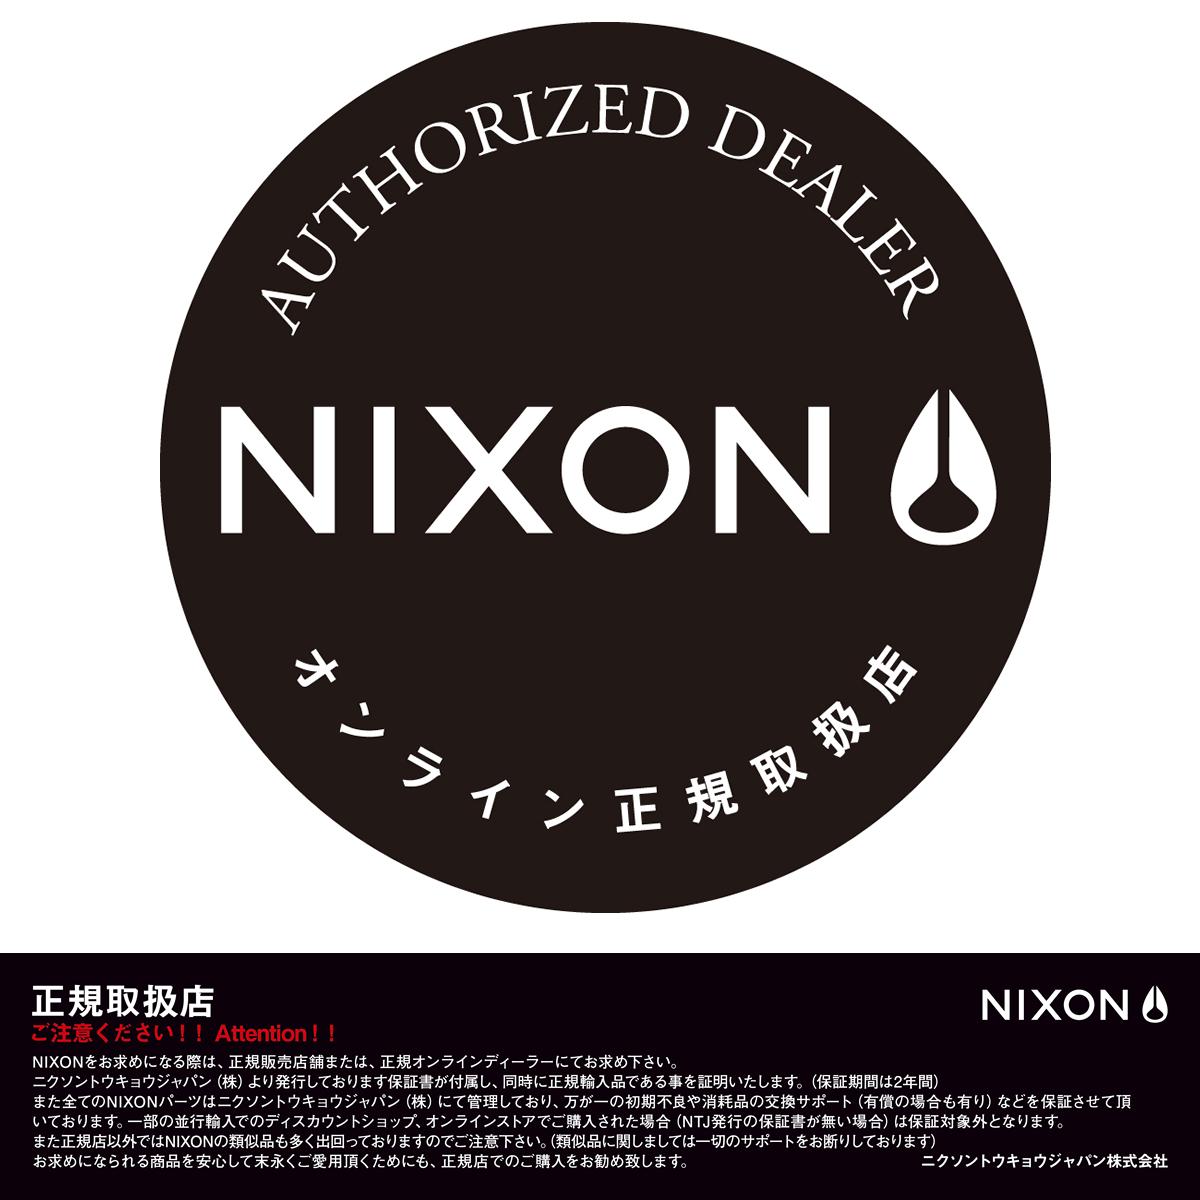 NIXON 正規オンラインディーラー